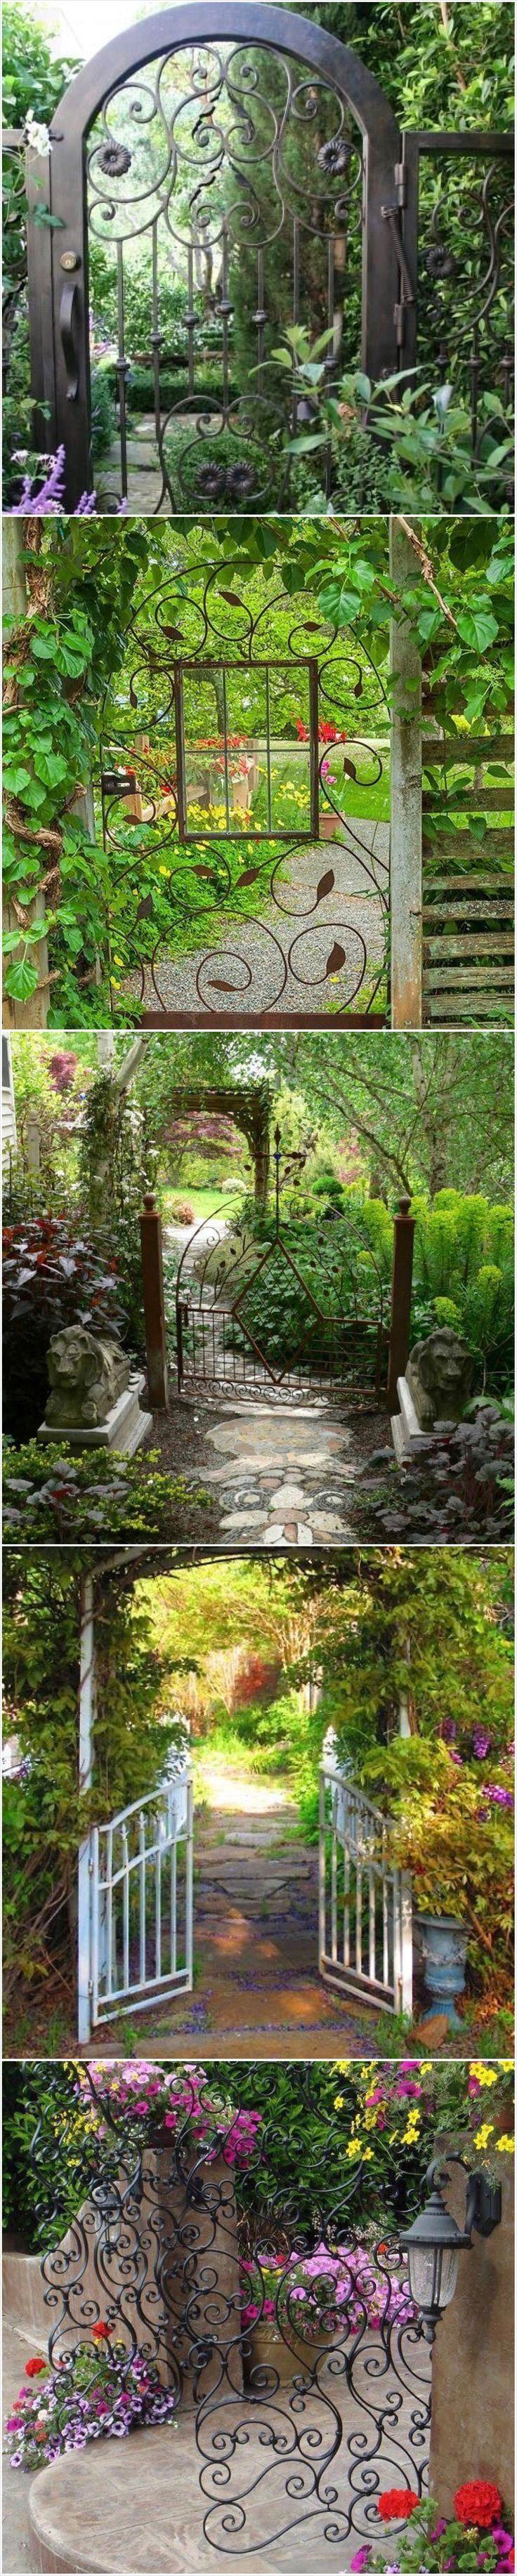 Garden Path and #GardenGates #gates #gardens